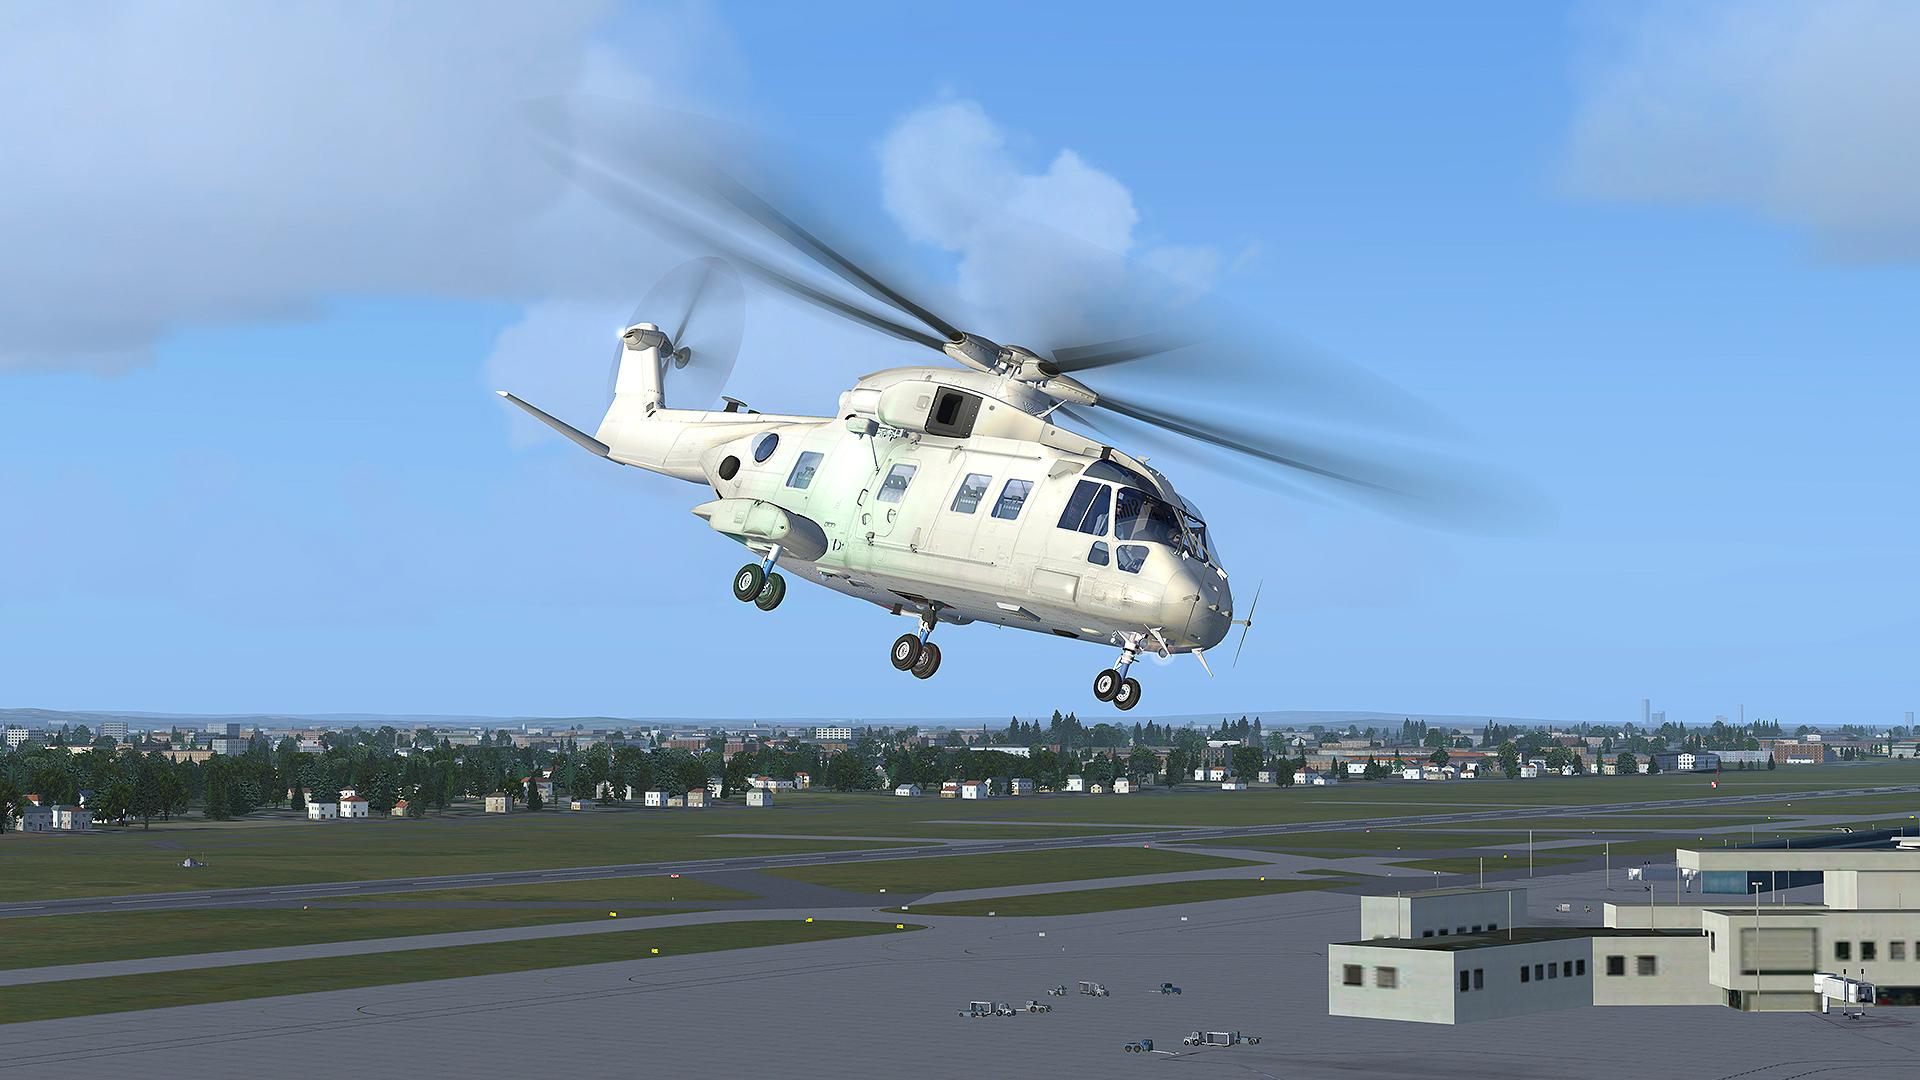 Image of Airplane Simulator Repack PC Game Full Version Free Download